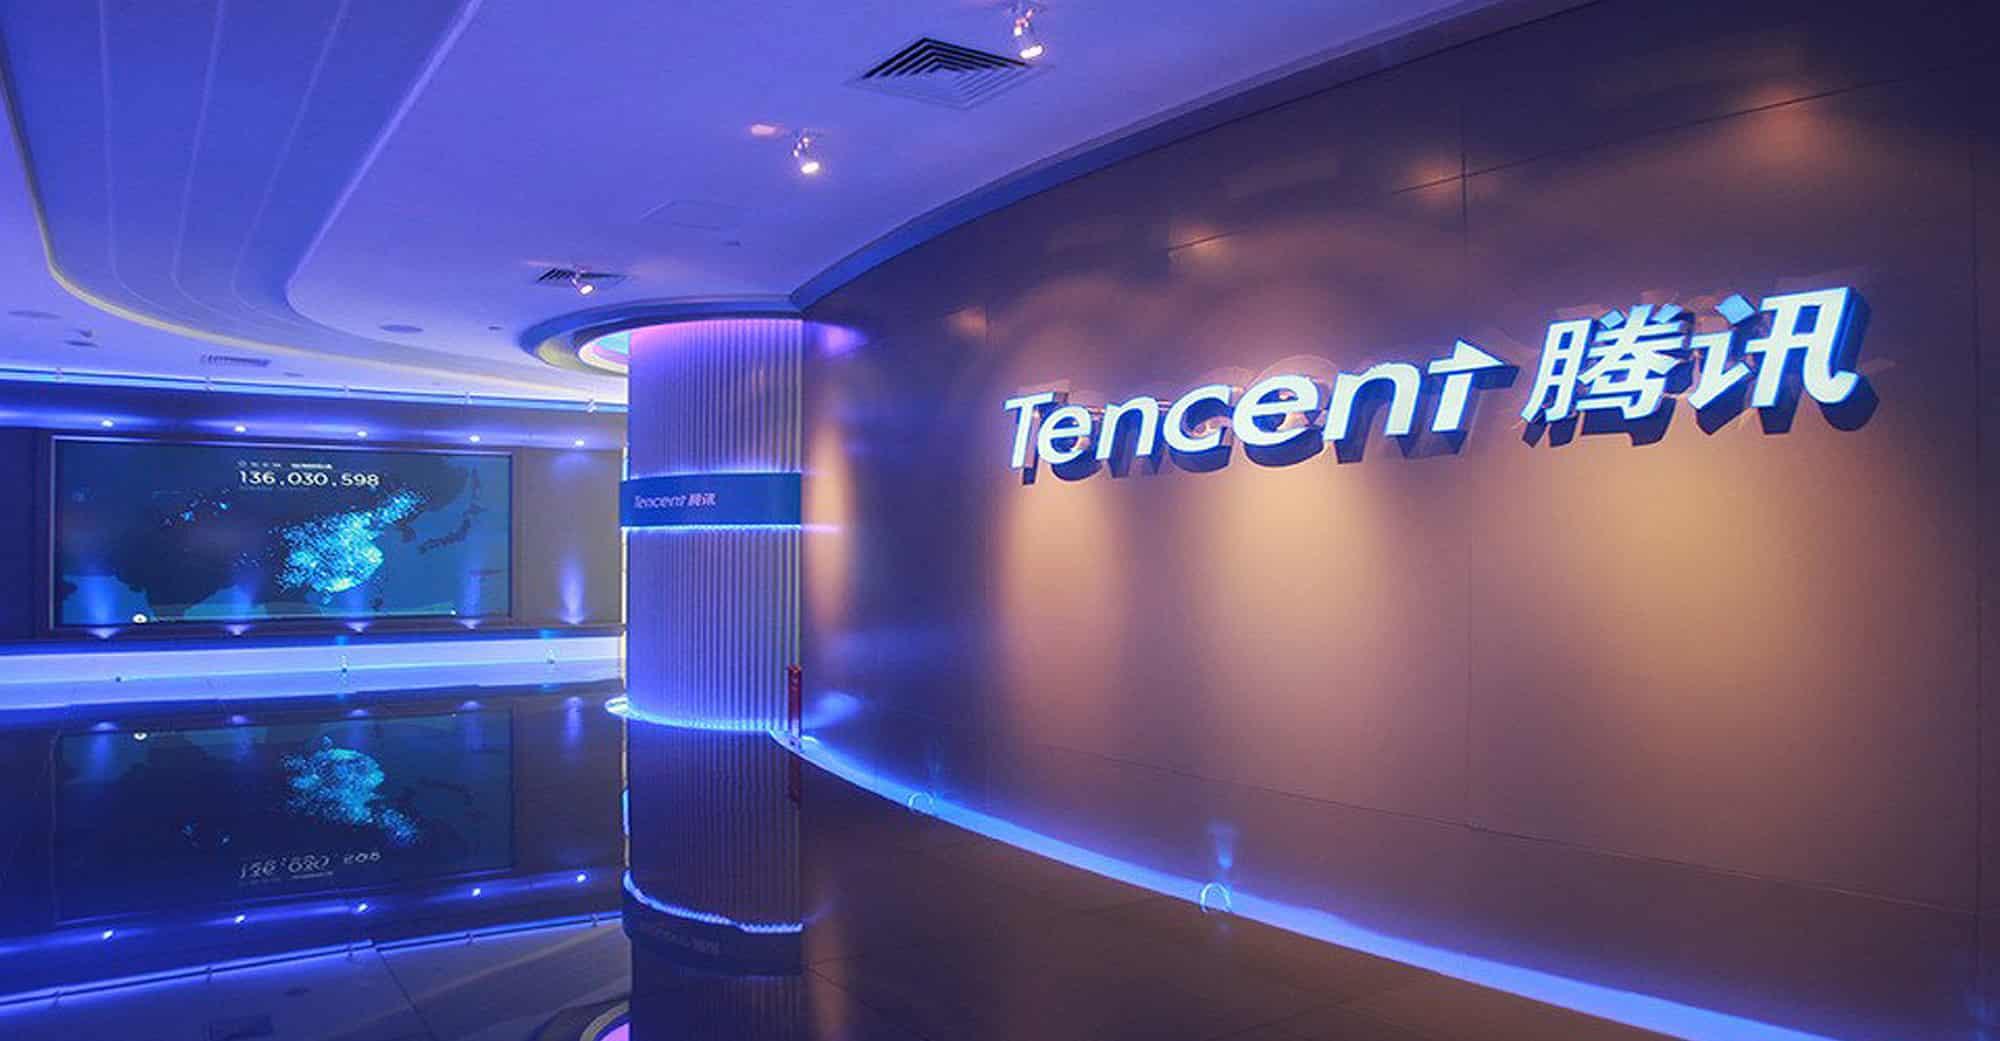 La Chine enfonce le clou, Tencent plonge à nouveau en Bourse